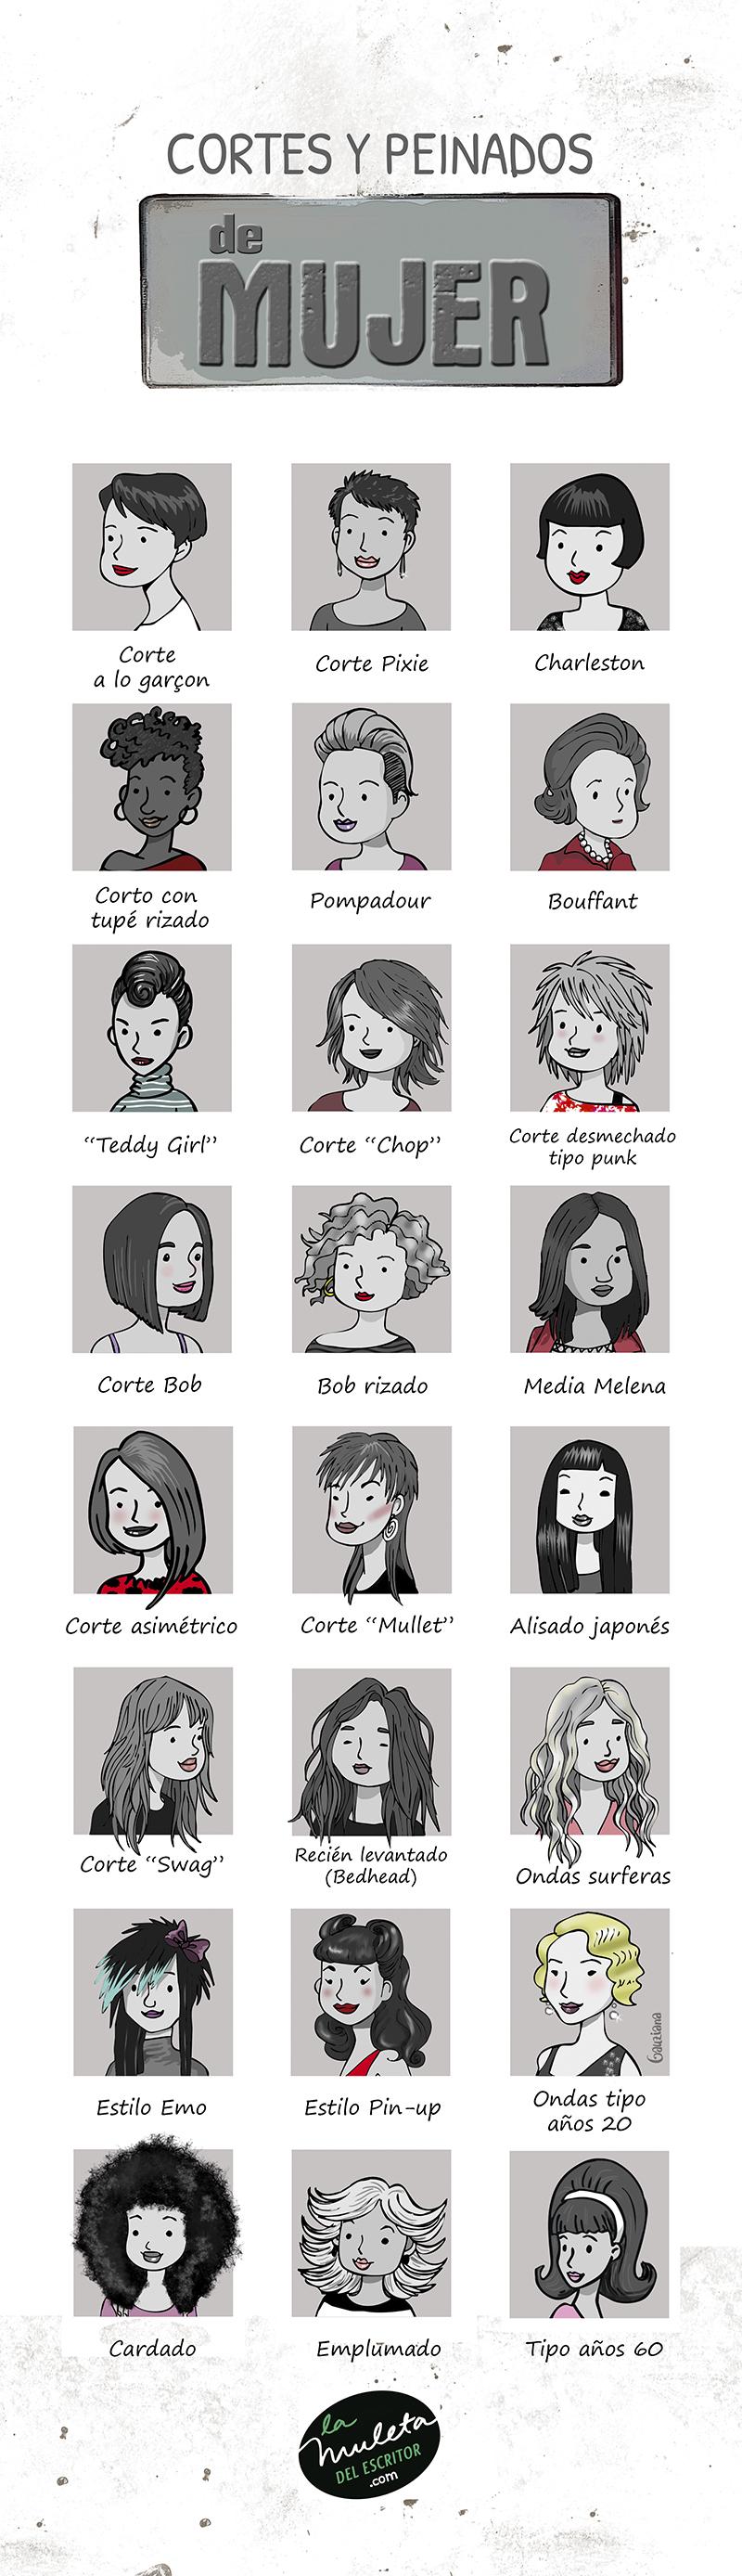 cortes y peinados de mujer